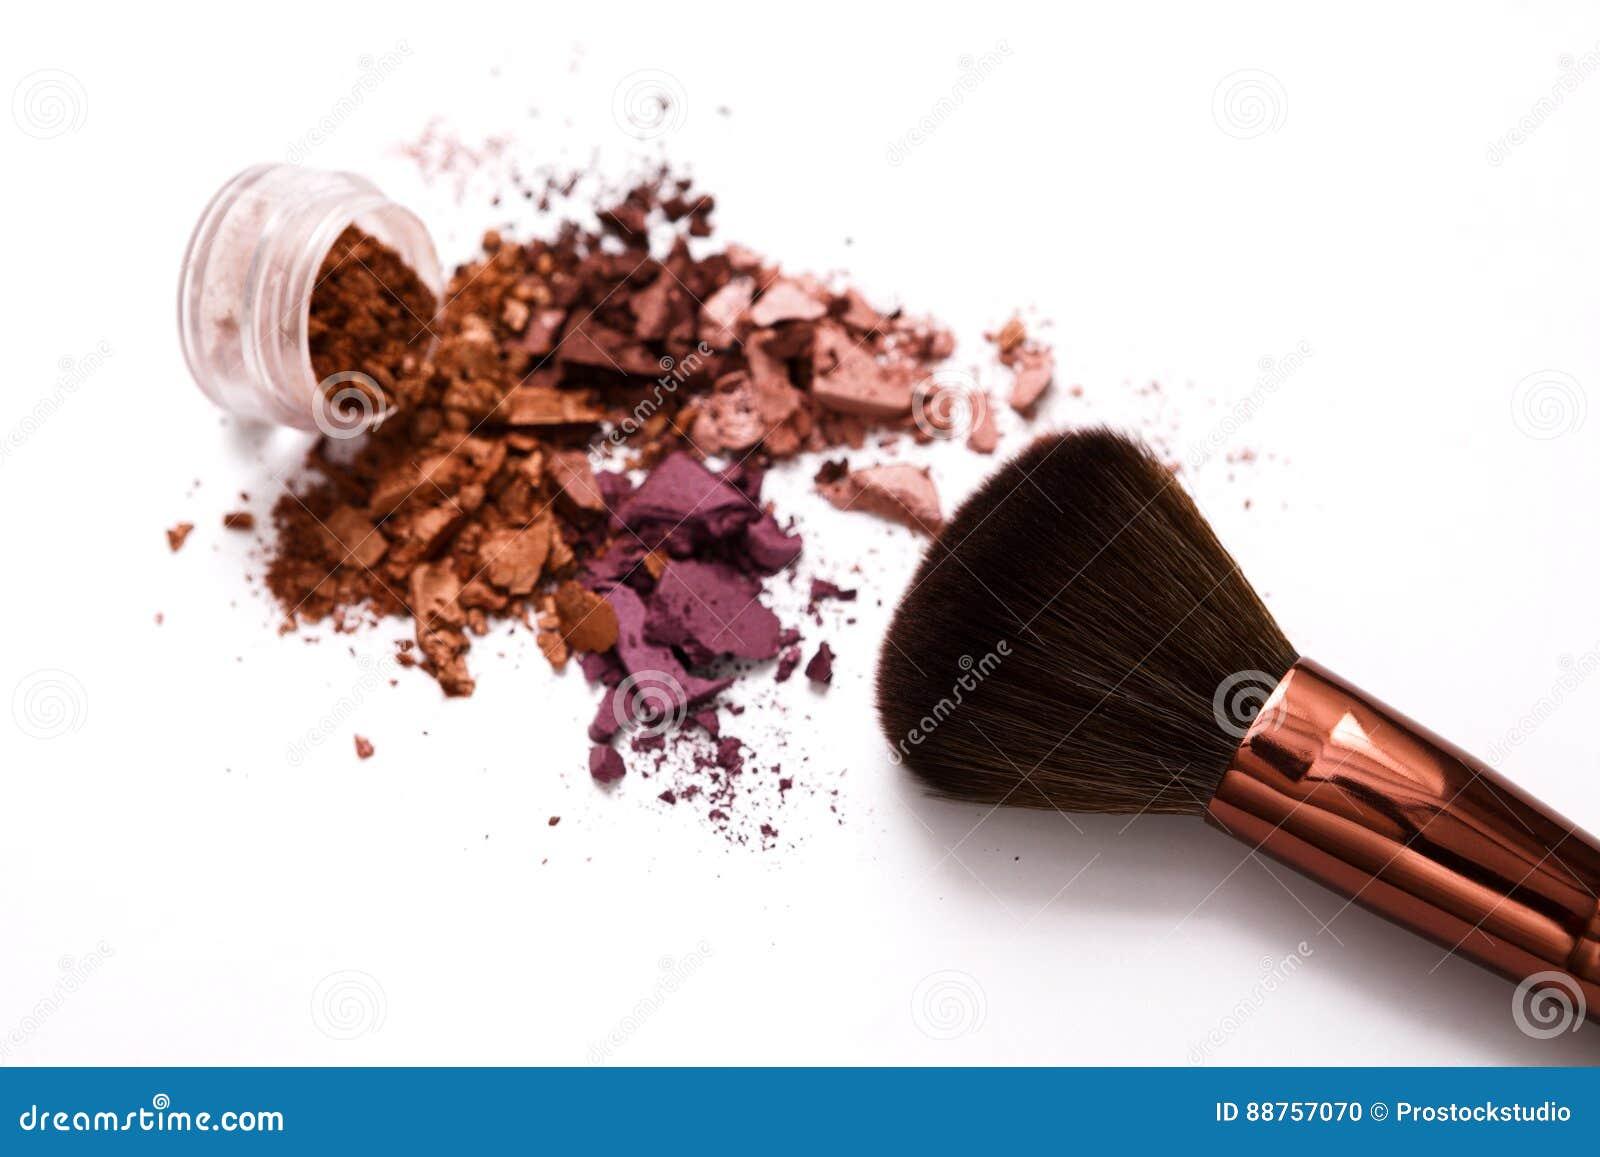 De make-upborstels met blozen of oogschaduw van roze, rood en koraaltonen op witte achtergrond wordt bestrooid die